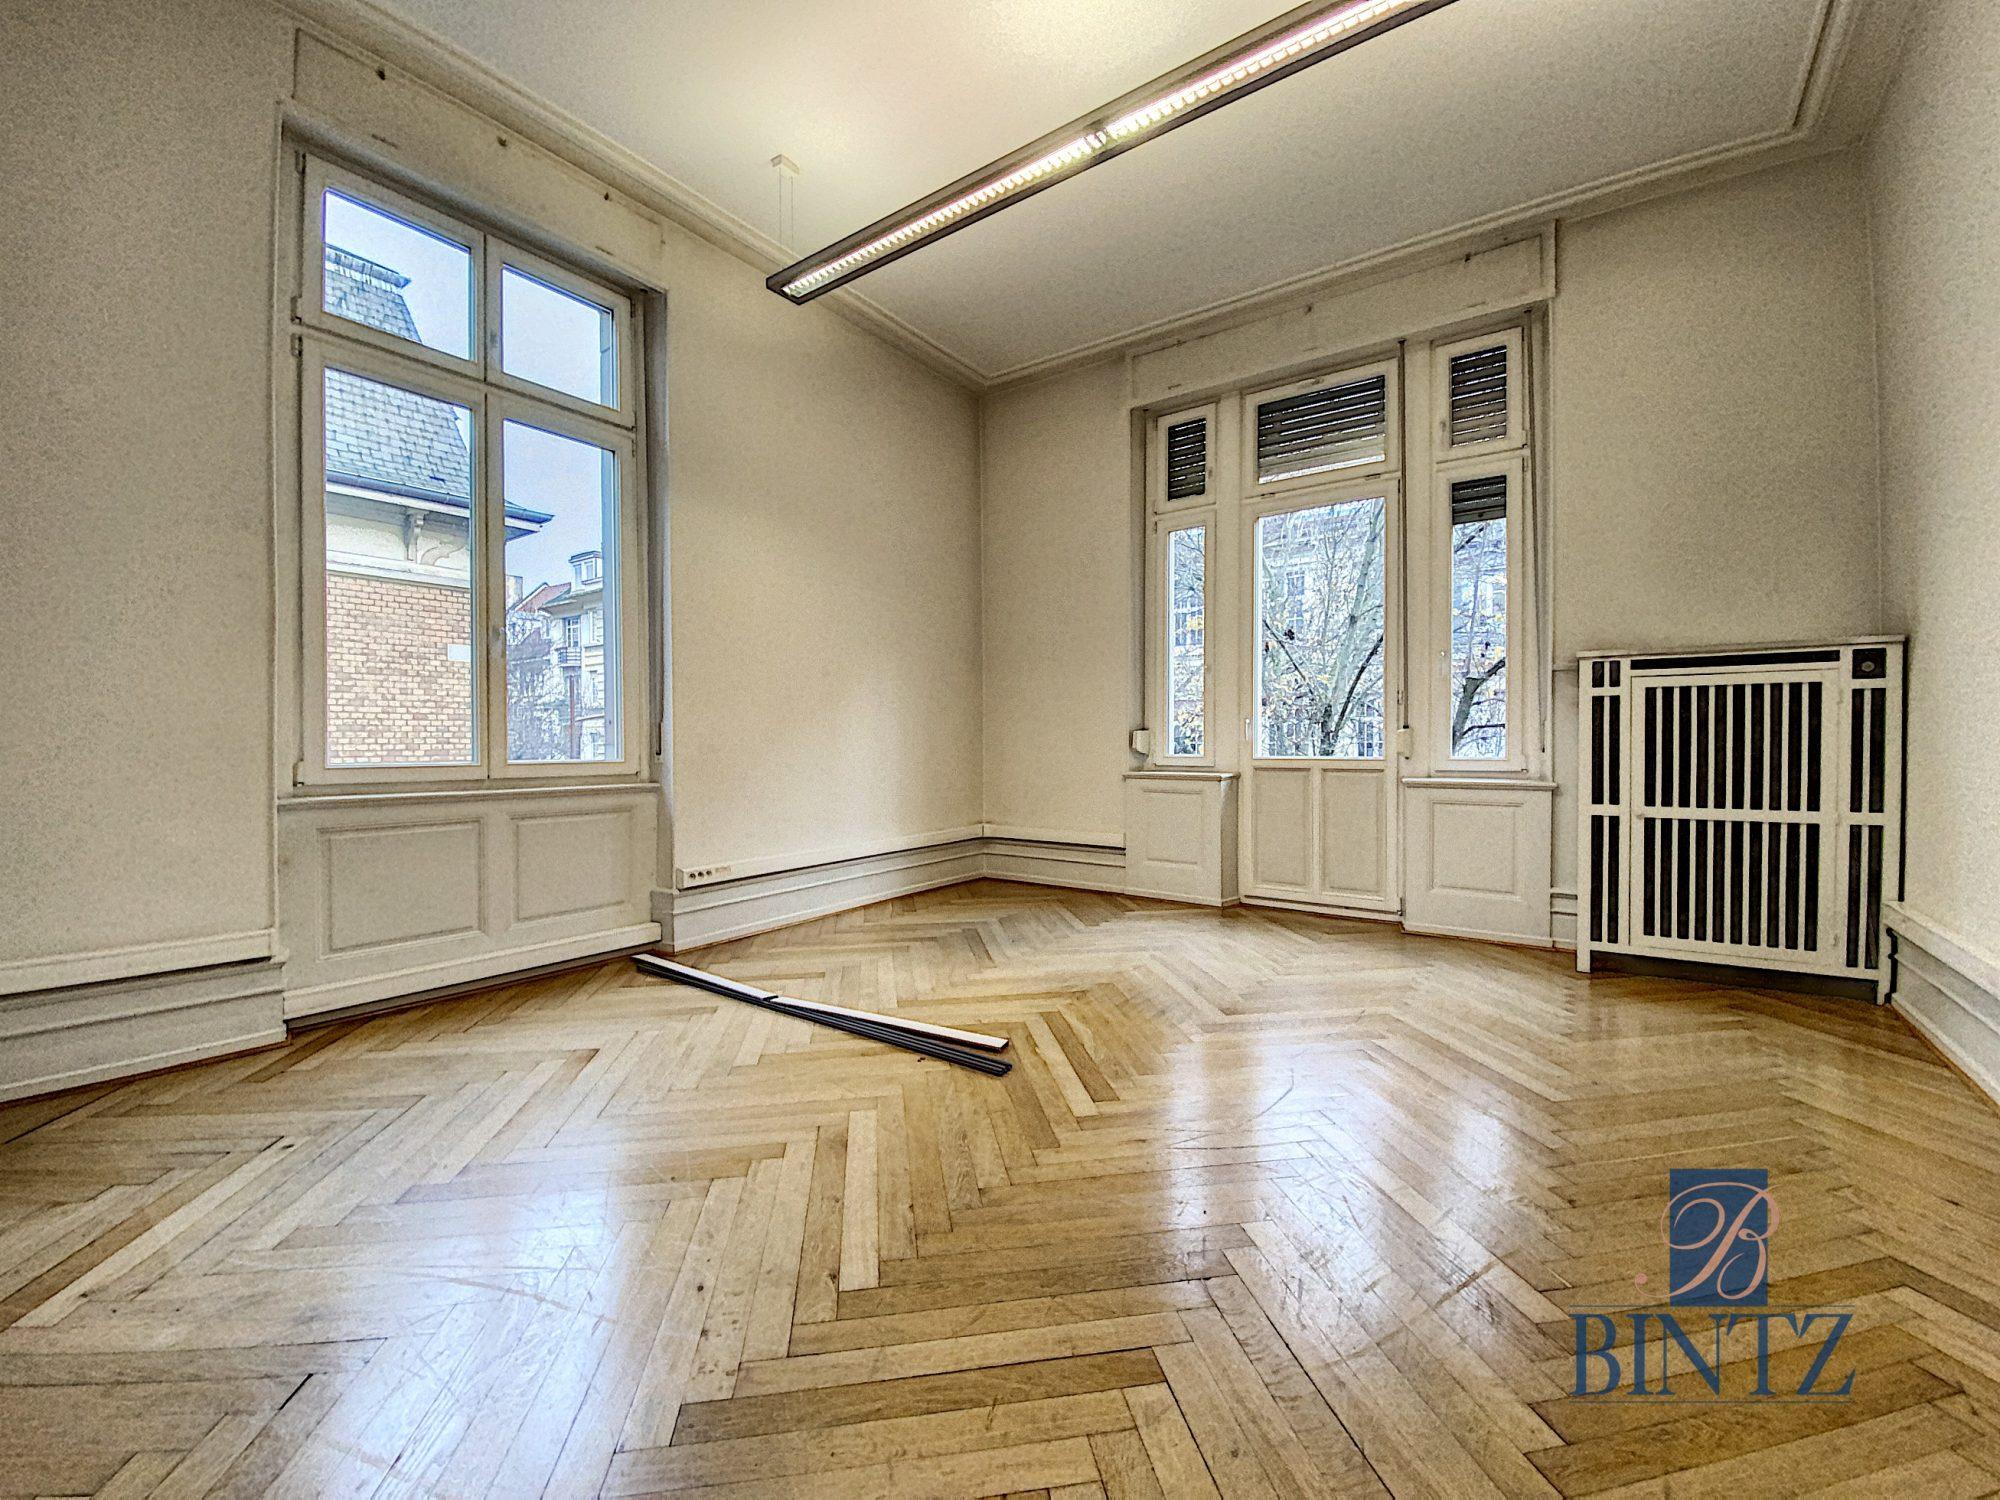 Immeuble de bureaux à louer - Devenez locataire en toute sérénité - Bintz Immobilier - 12